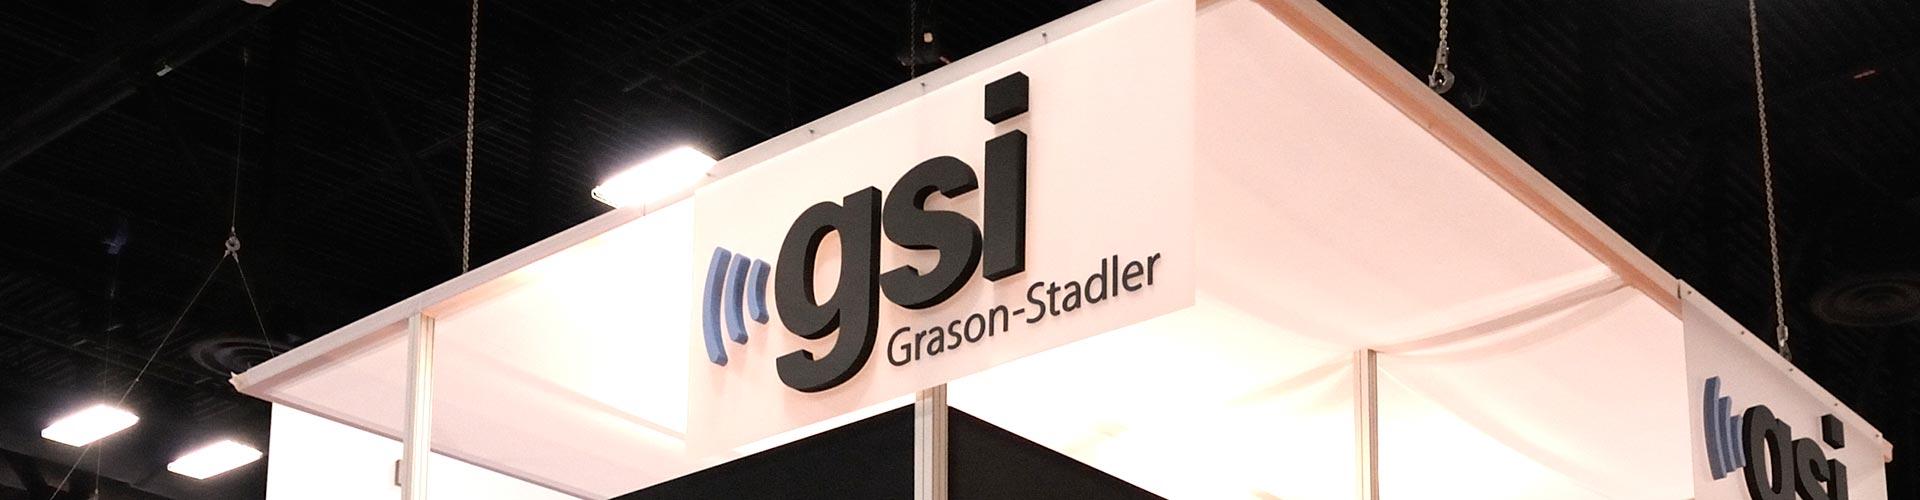 Grason-Stadler Trade Show Booth